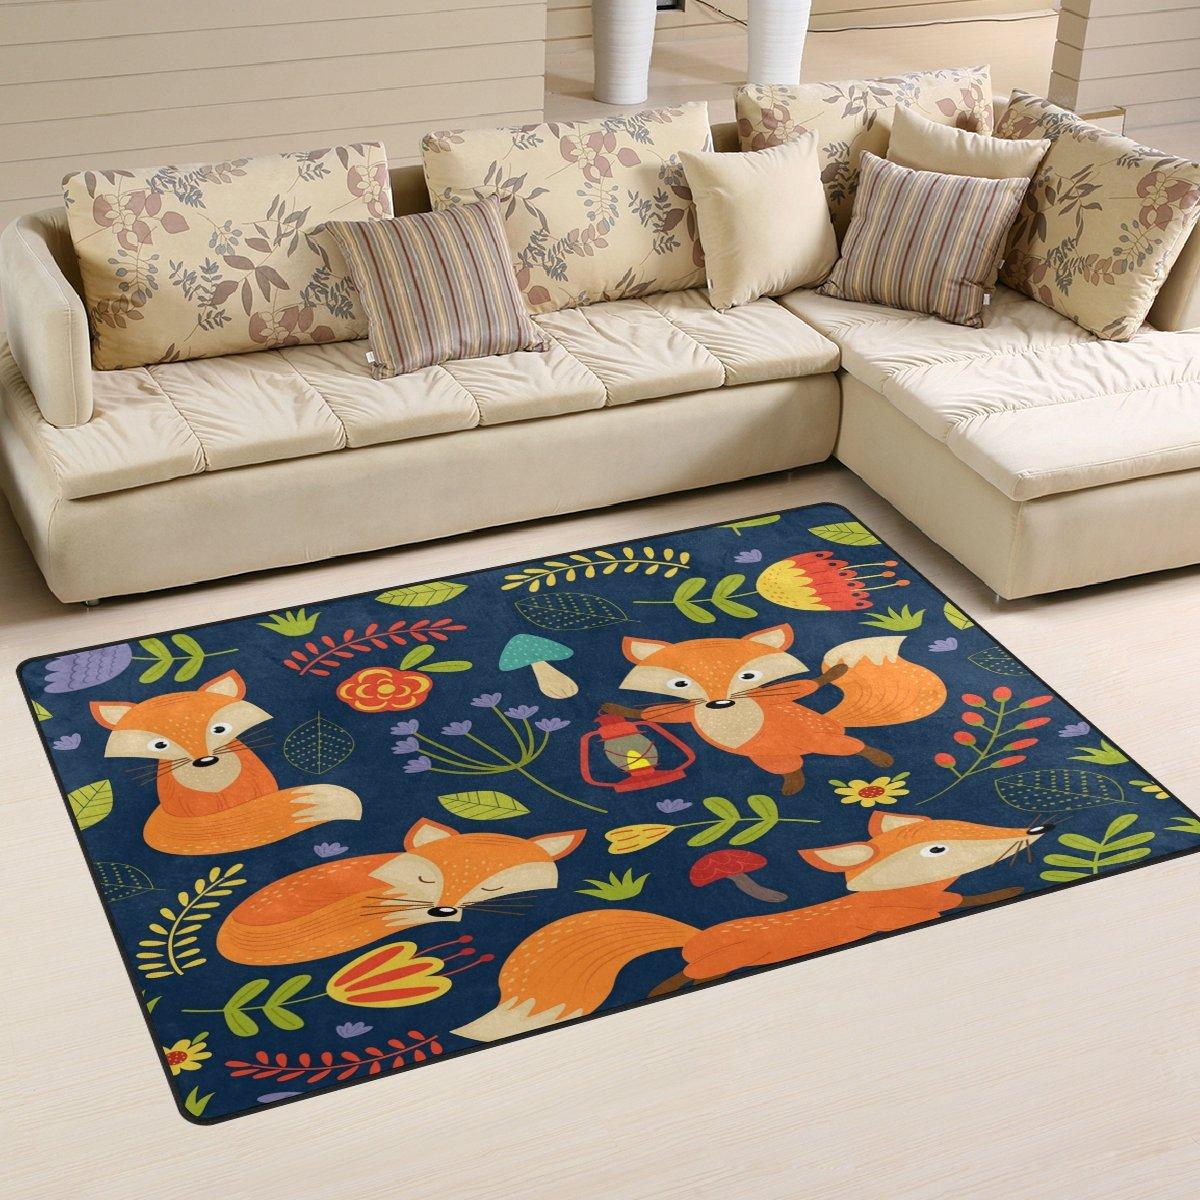 WOZO Fox Flower Animal Forest Area Rug Rugs Non-Slip Floor Mat Doormats Living Room Bedroom 31 x 20 inches g2489238p146c161s240